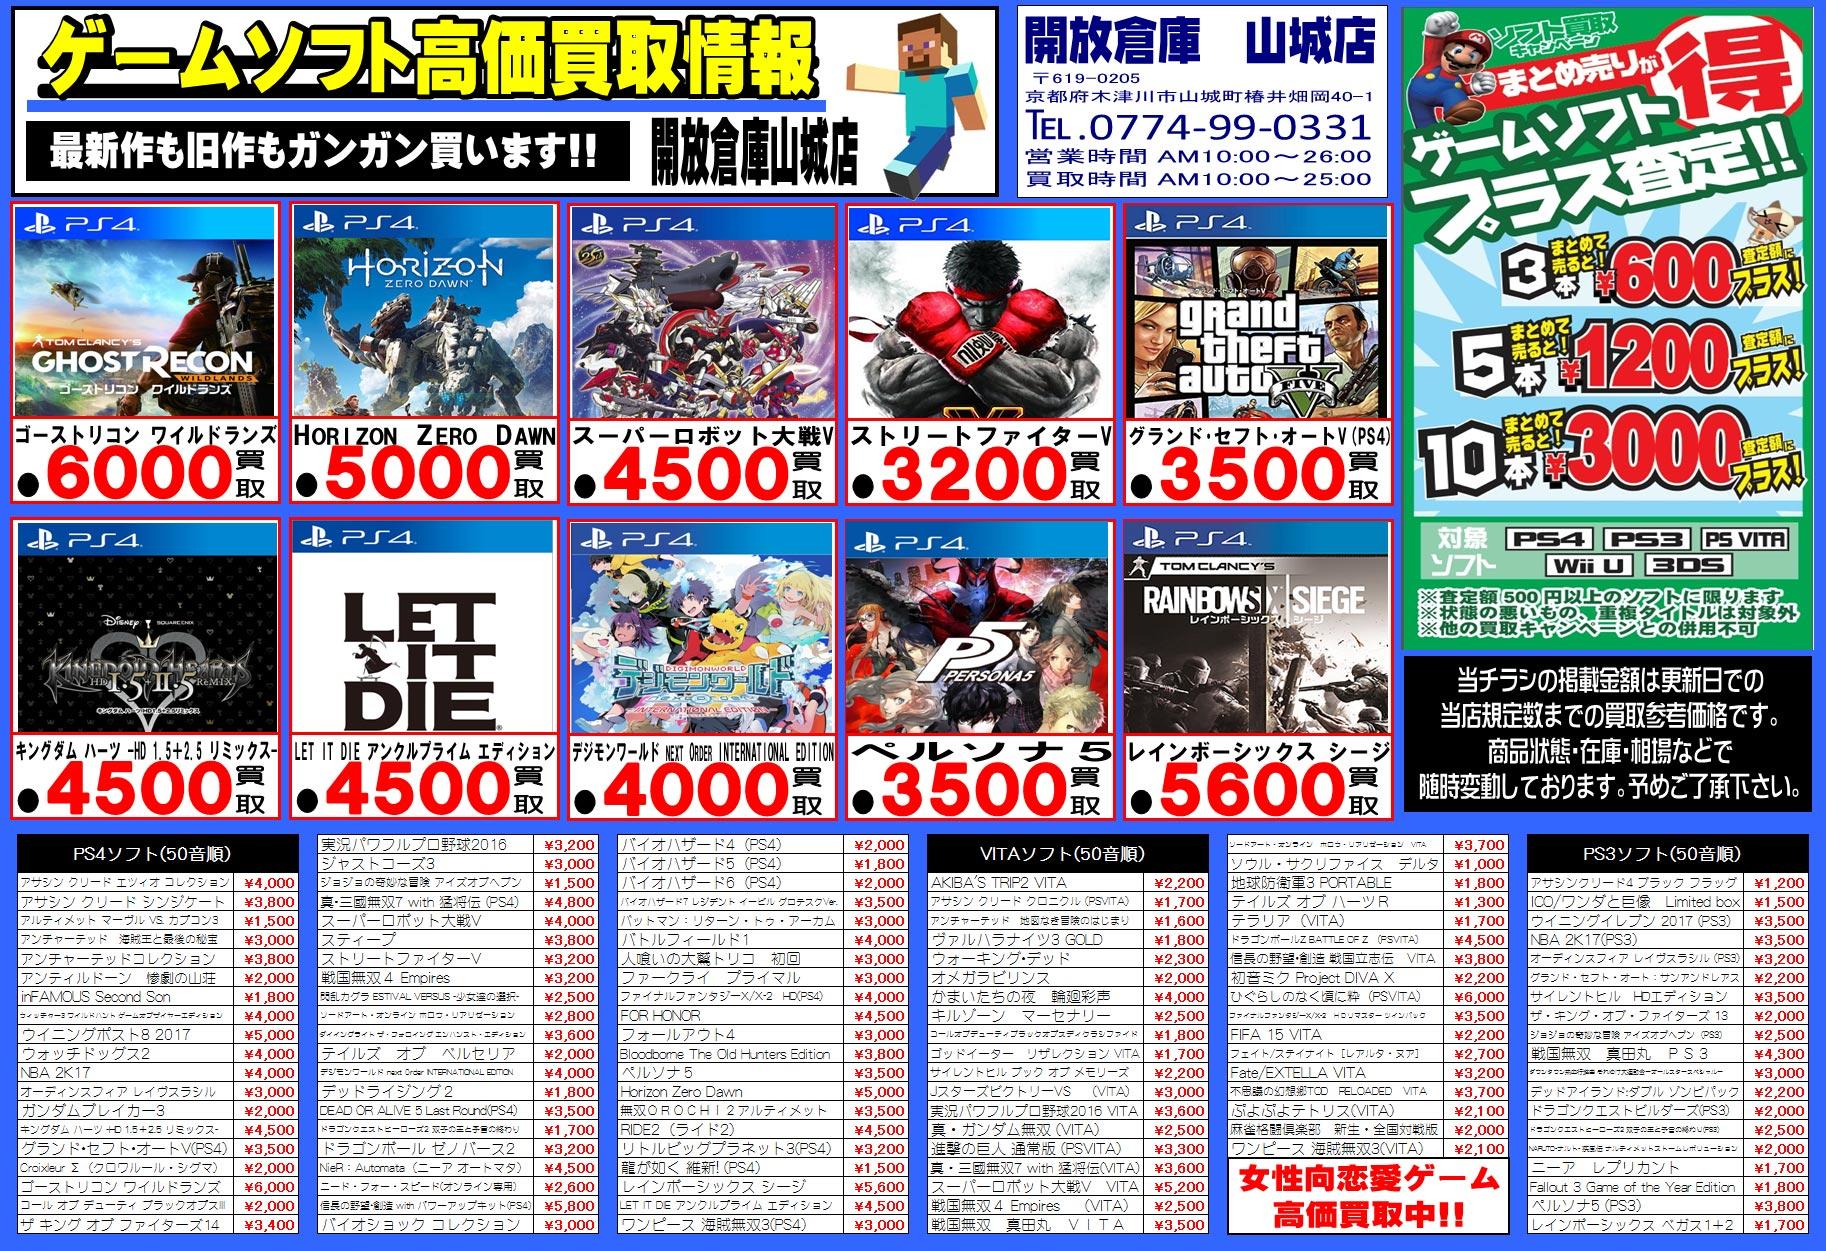 「開放倉庫山城店」2017年3月号ゲームソフト(PS4、PS3、PSVITA、WiiU、3DS)ゲームソフトまとめ売りが得プラス査定!!